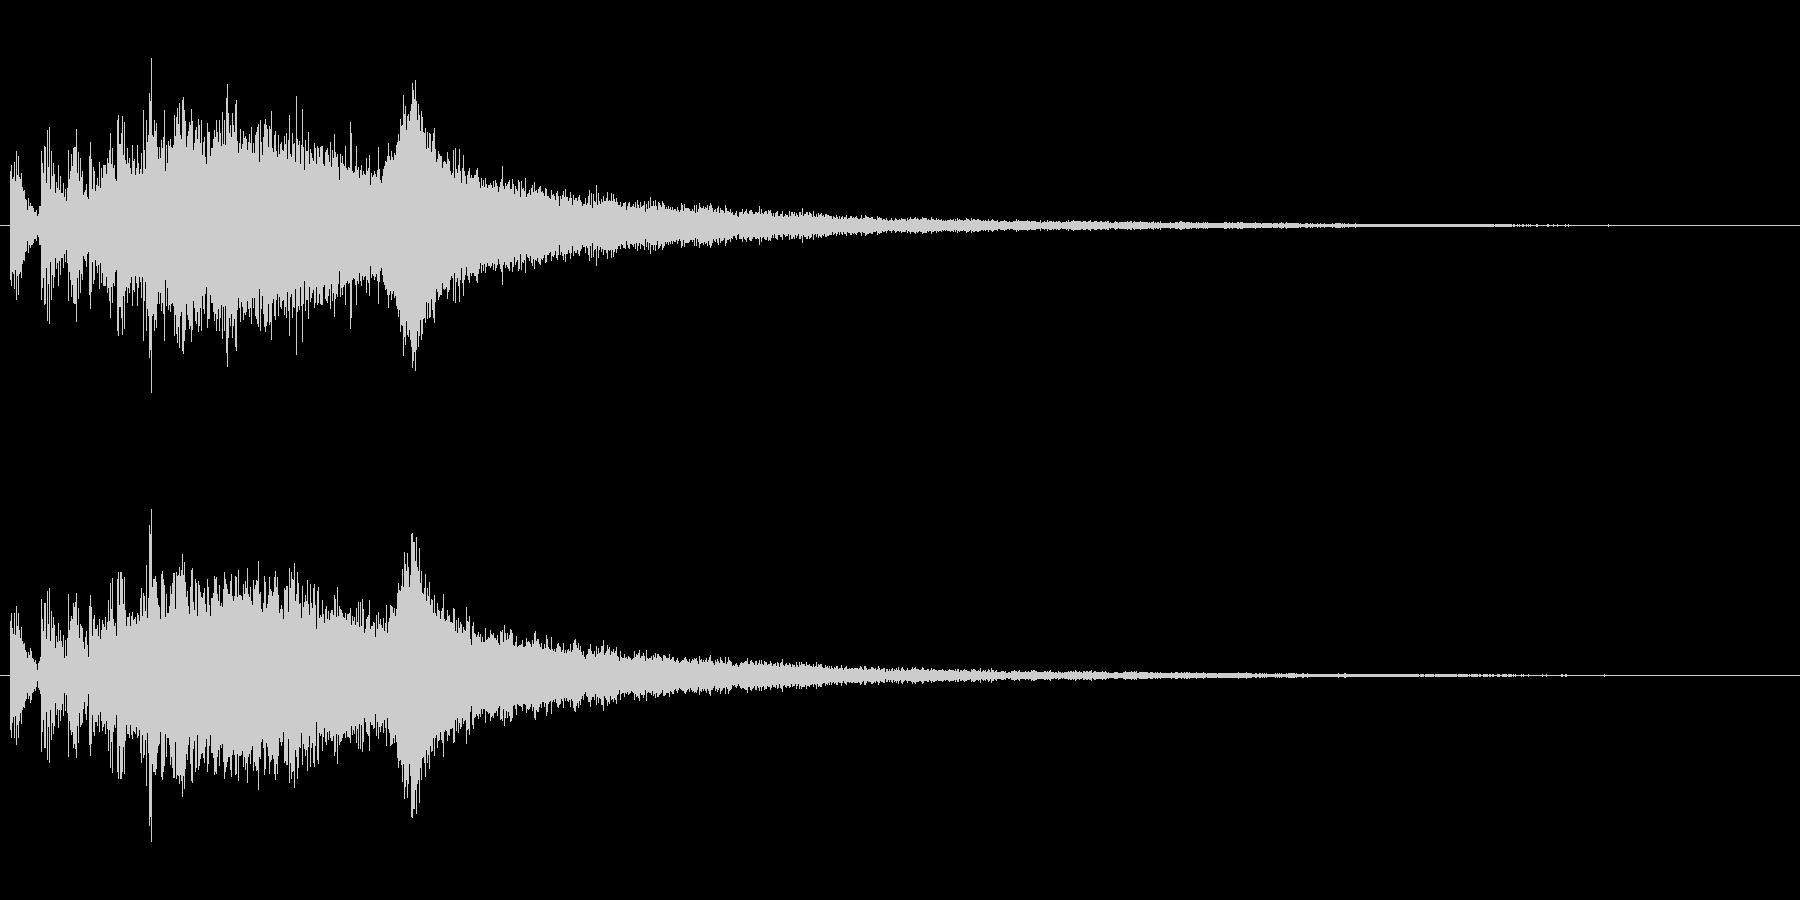 『ジャジャジャーン!』中国ドラの連打音の未再生の波形